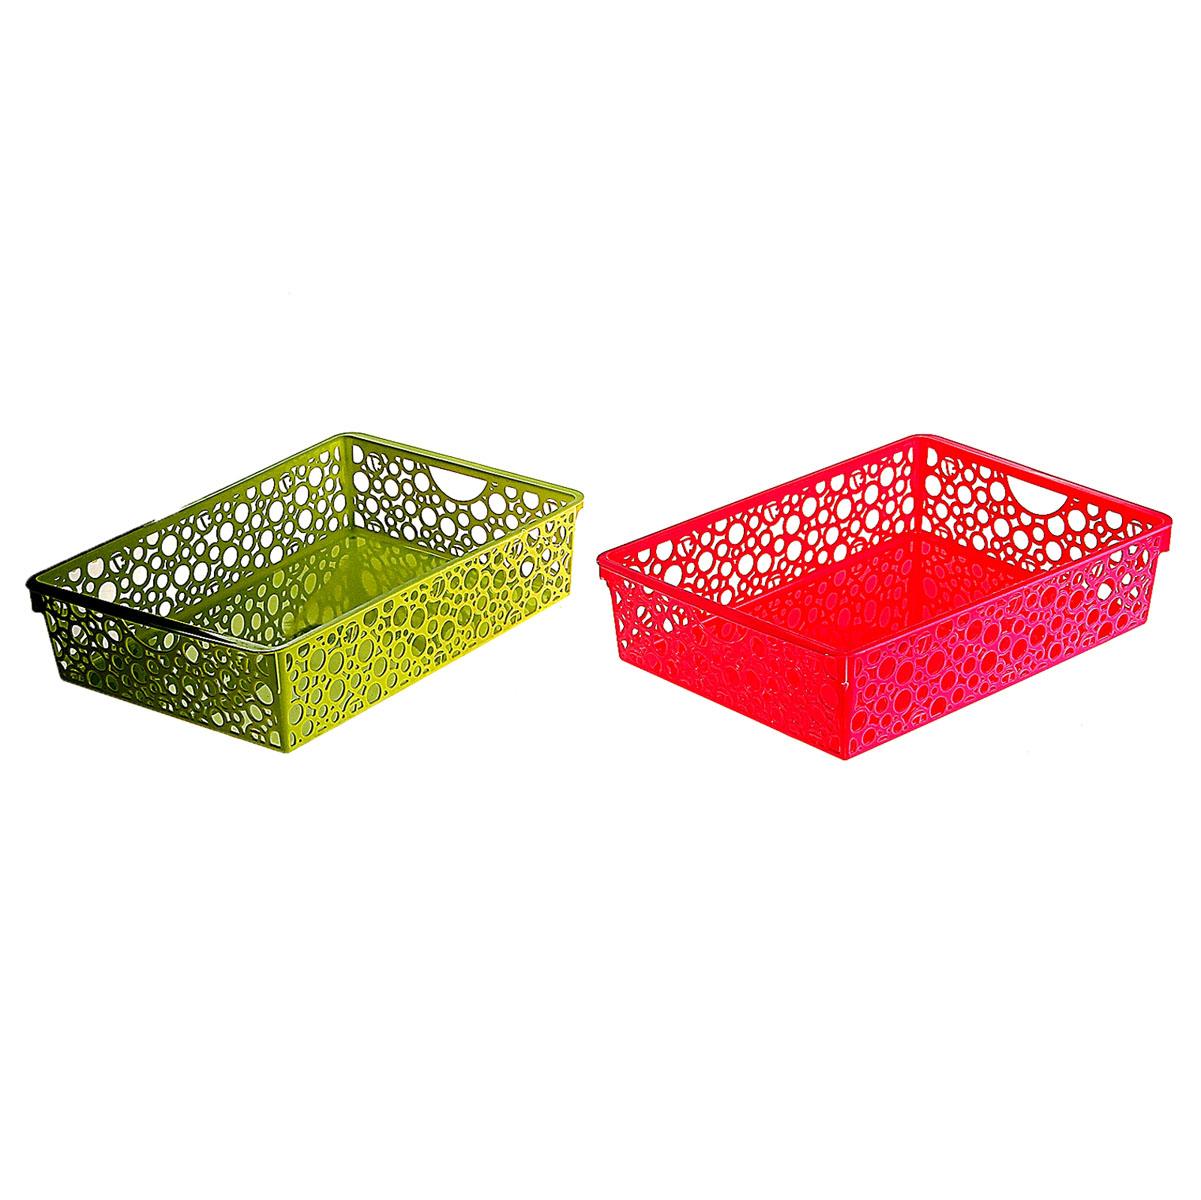 Корзина для мелочей с ручками, 34*25*8 см, 848403 цвет розовый848403Корзина для мелочей с ручками, 34*25*8 см, микс цвета 848403